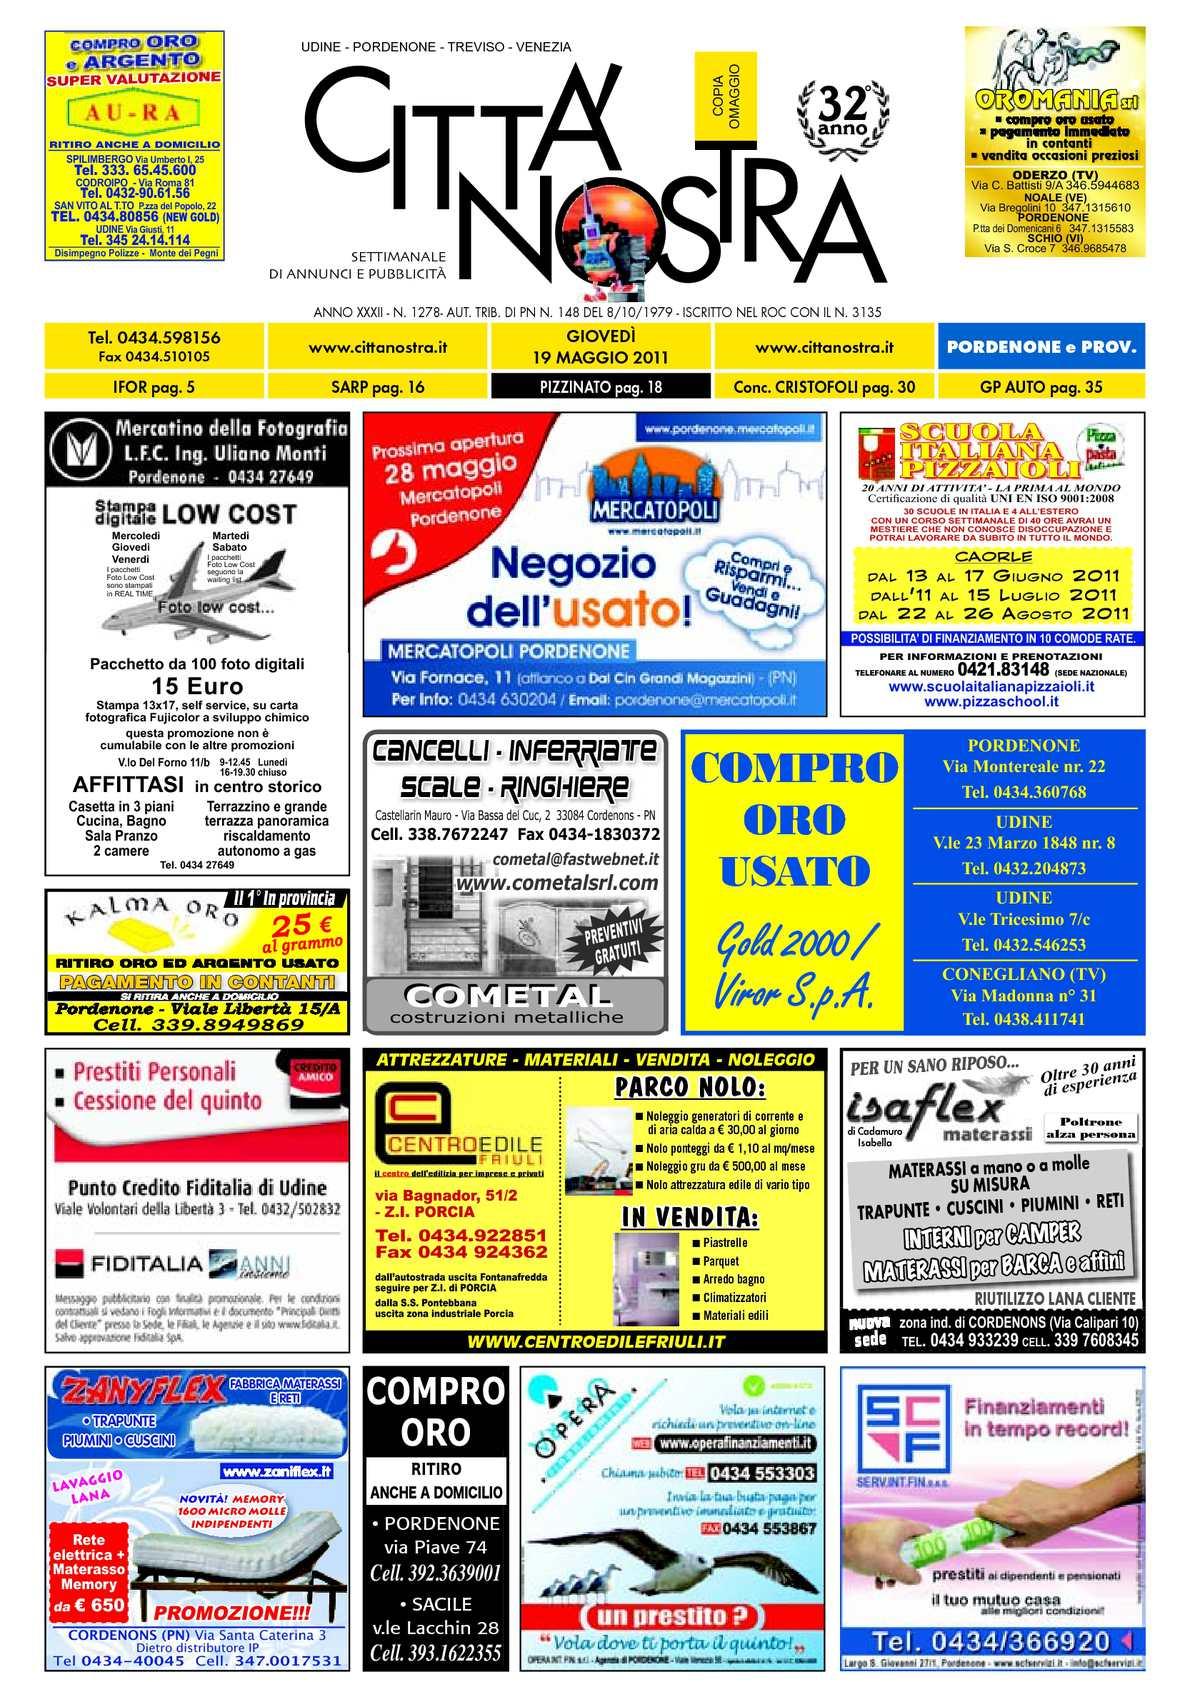 Calaméo - Città Nostra Pordenone del 19.05.2011 n. 1278 7d262c10491